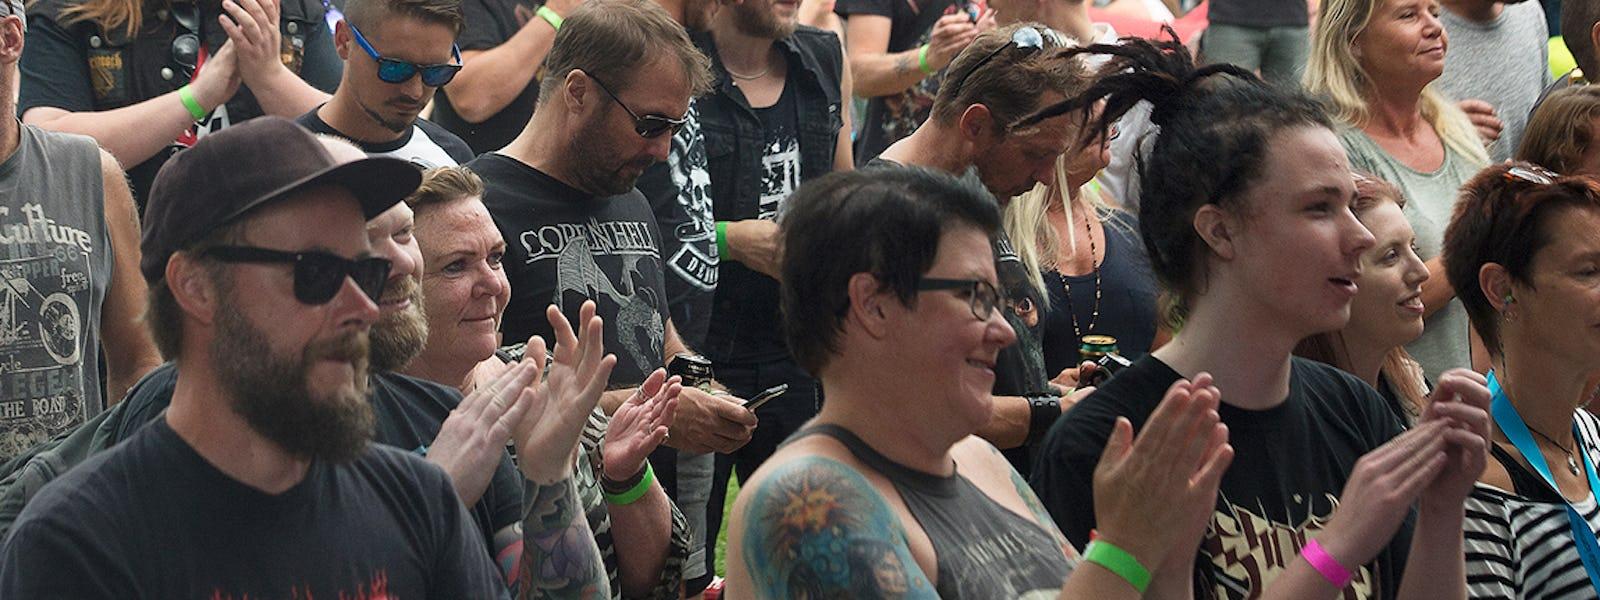 Bild - Kristianstad Rockfest 2018